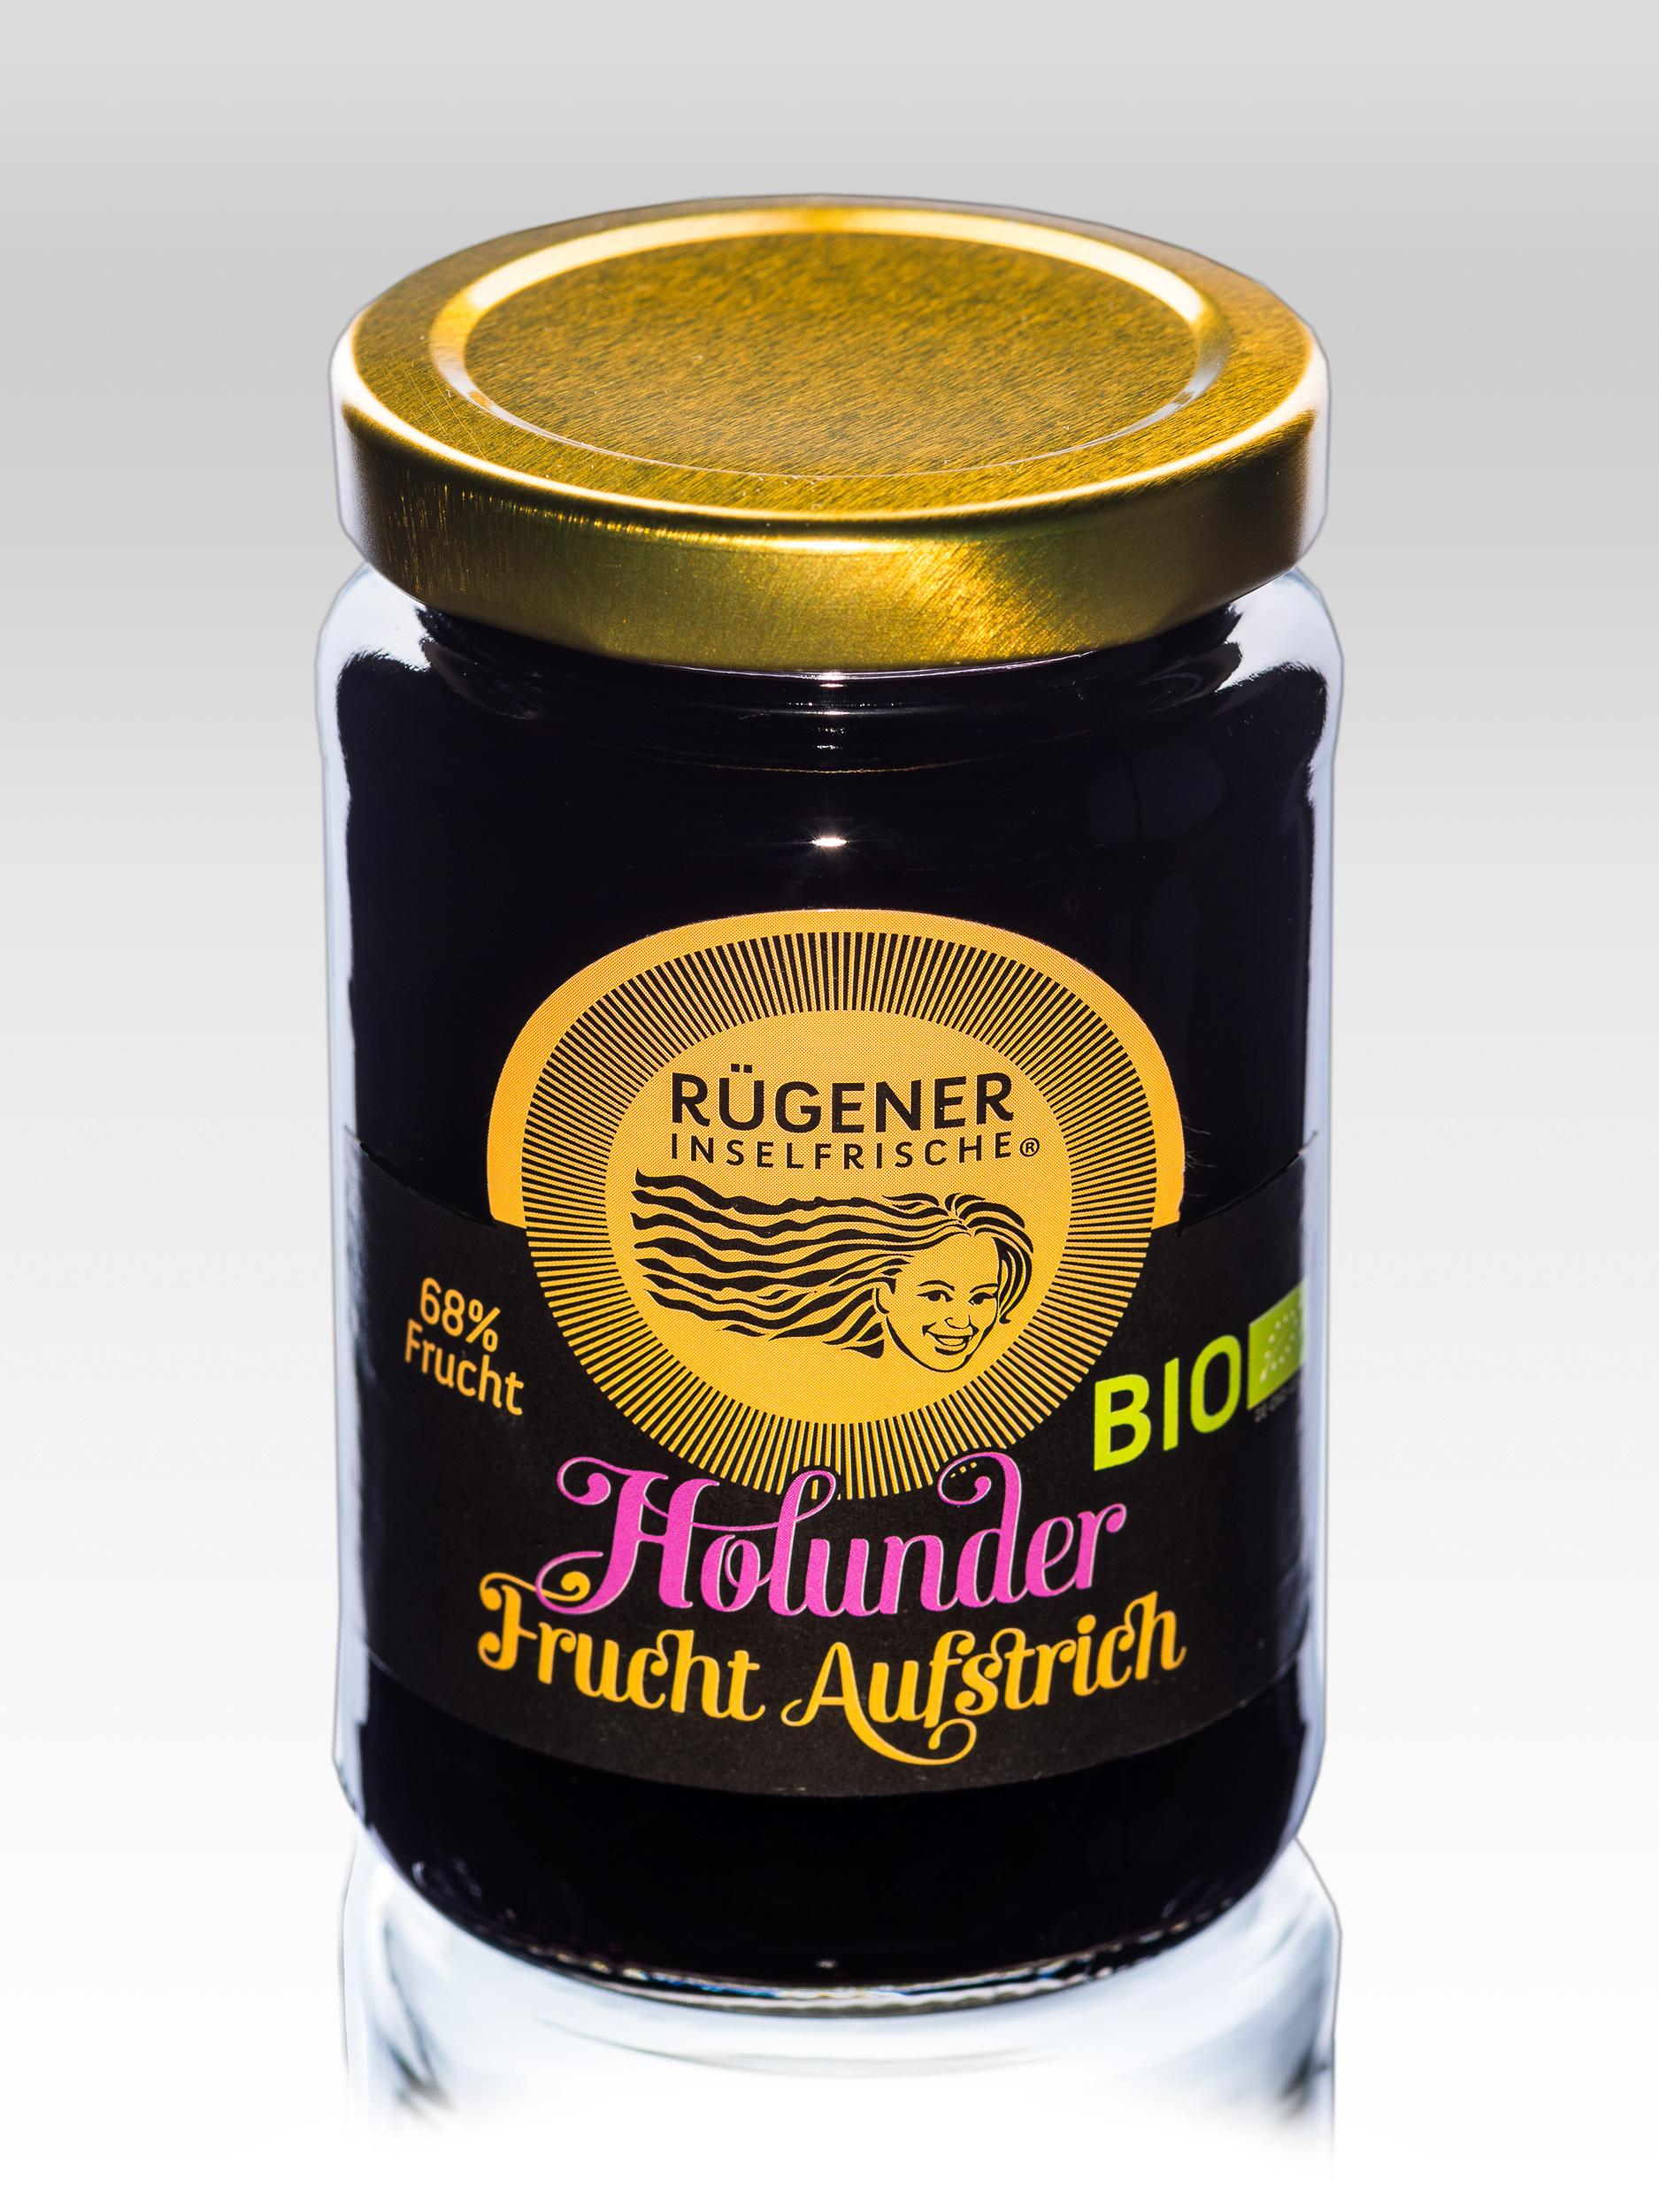 BIO-Holunder-Frucht-Aufstrich-Bearbeitet